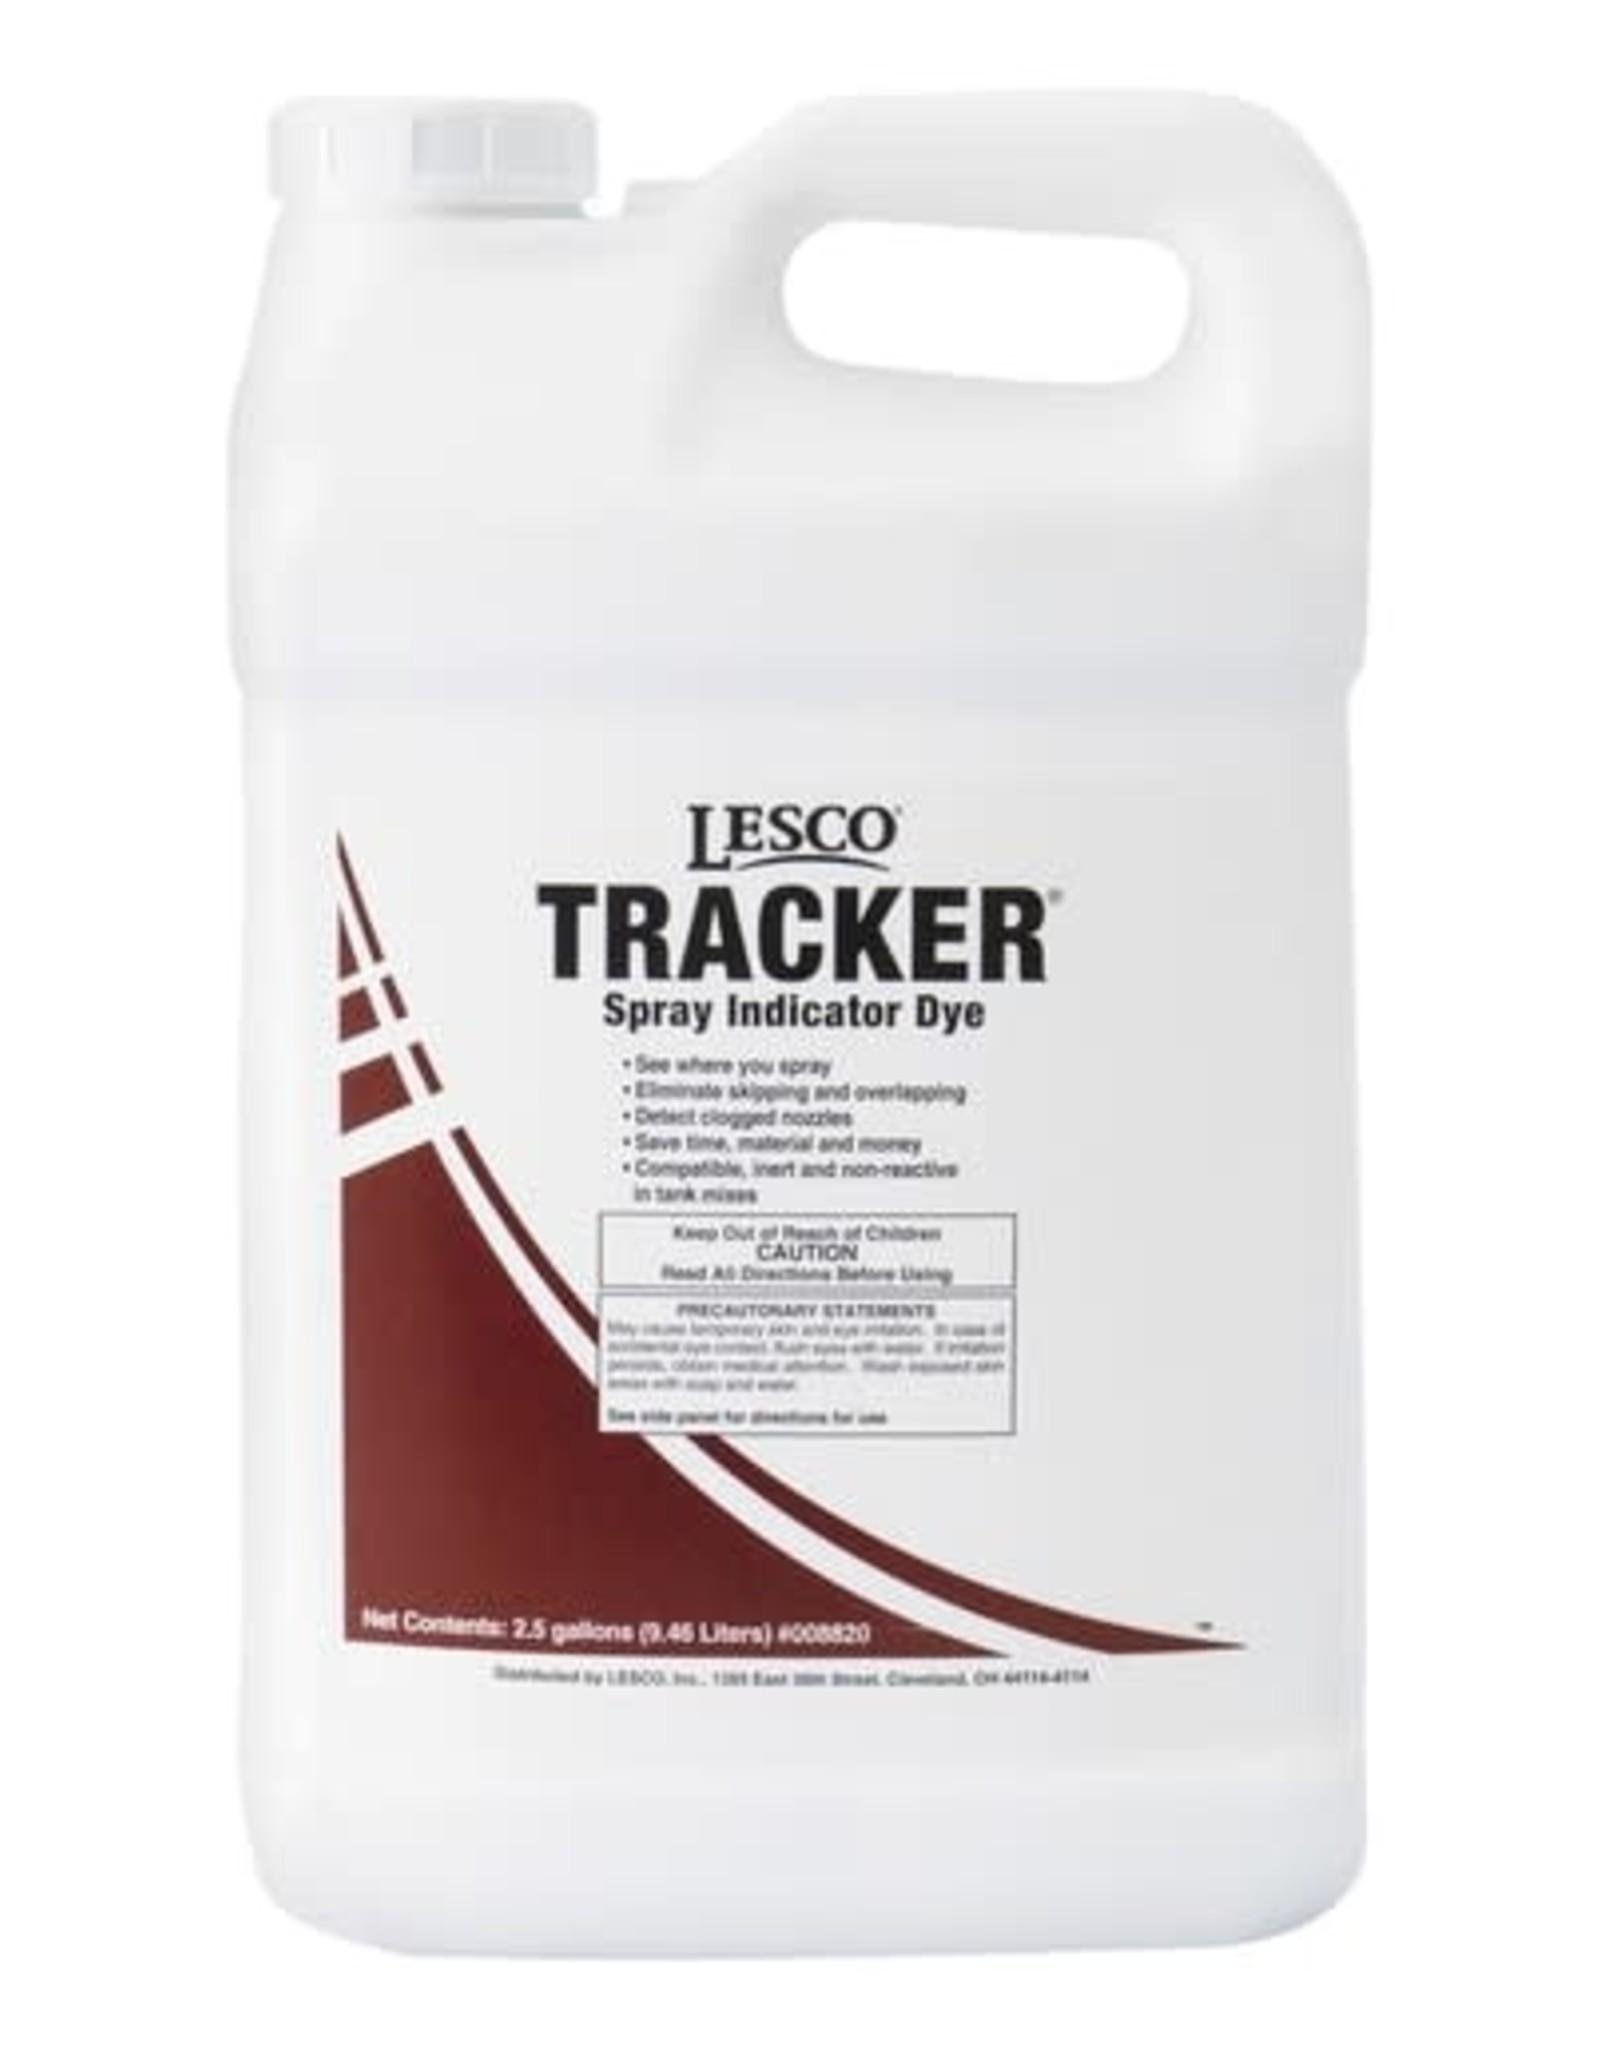 Lesco LESCO Tracker Spray Indicator Dye Blue 2.5 Gallon